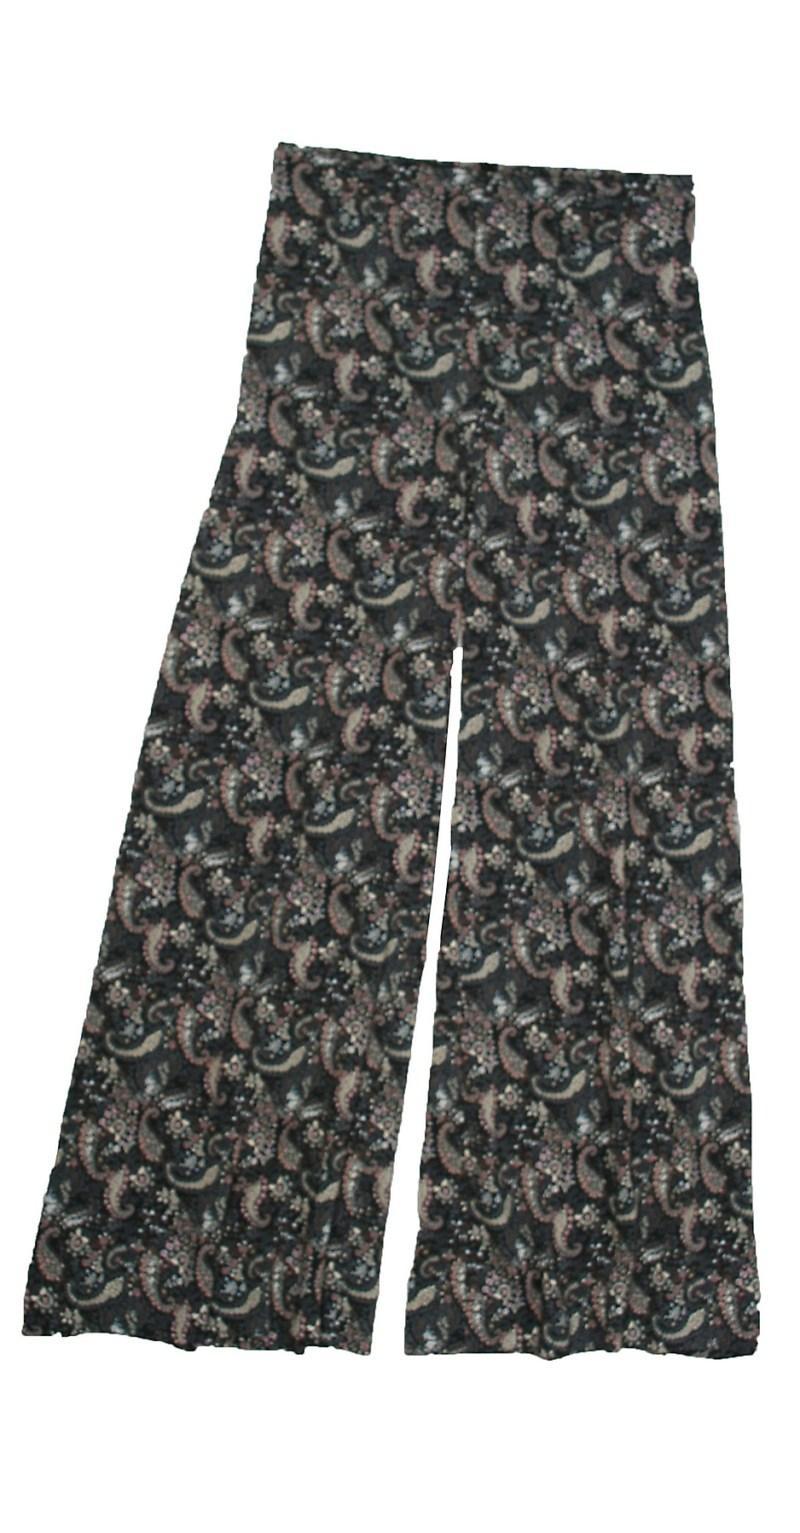 spodnie Bialcon we wzory dzwone - wiosna-lato 2011